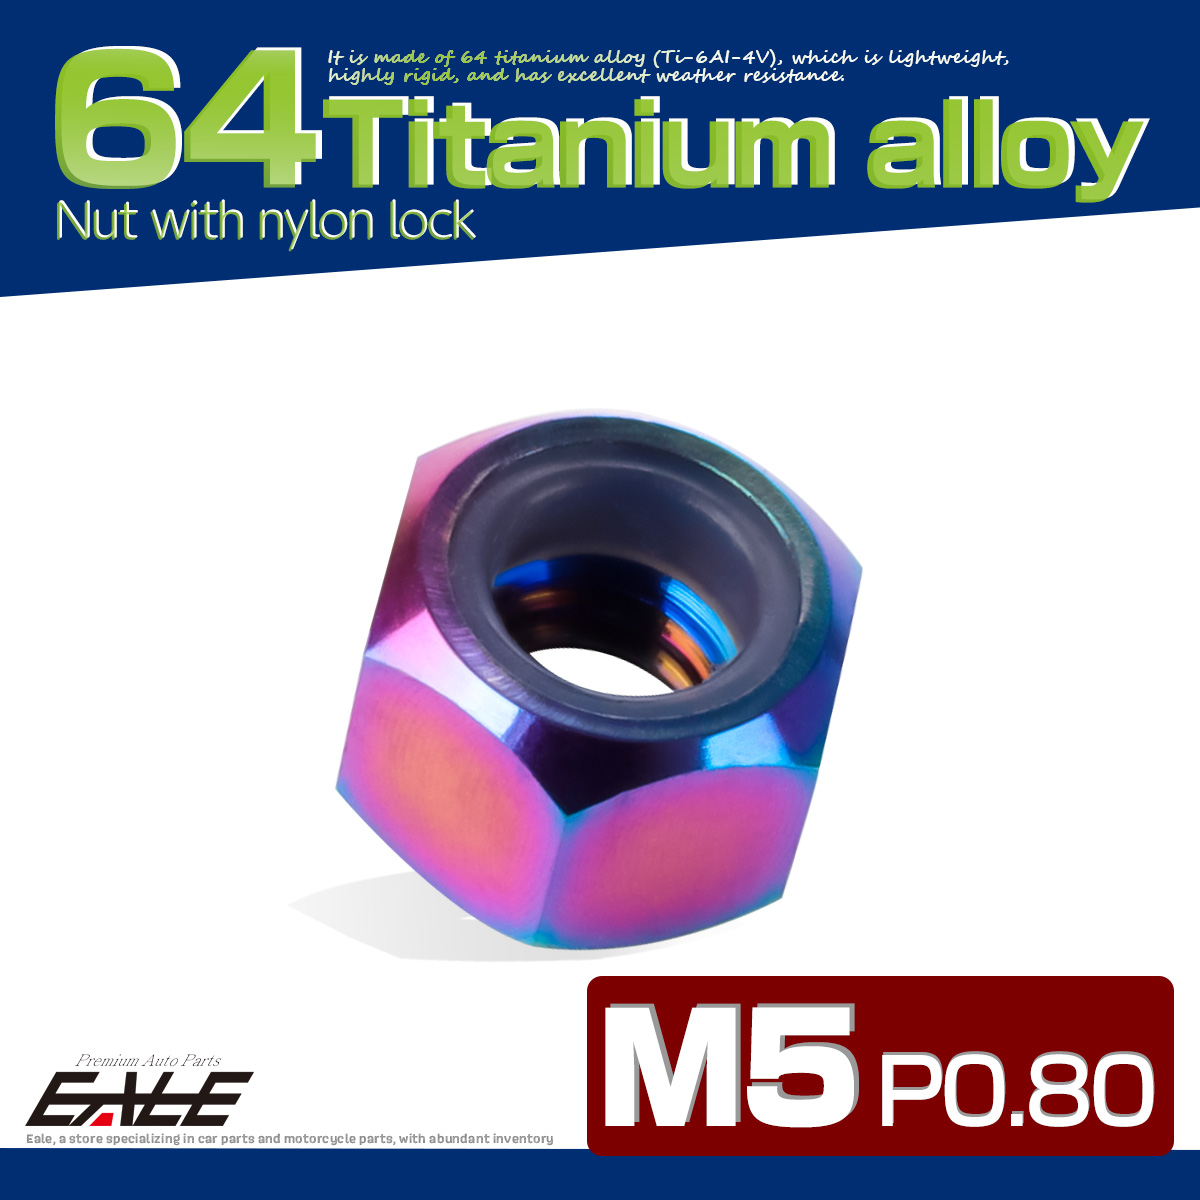 【ネコポス可】 M5 P0.8 64チタン ナイロンナット ゆるみ防止ナット 六角ナット レインボー JA832